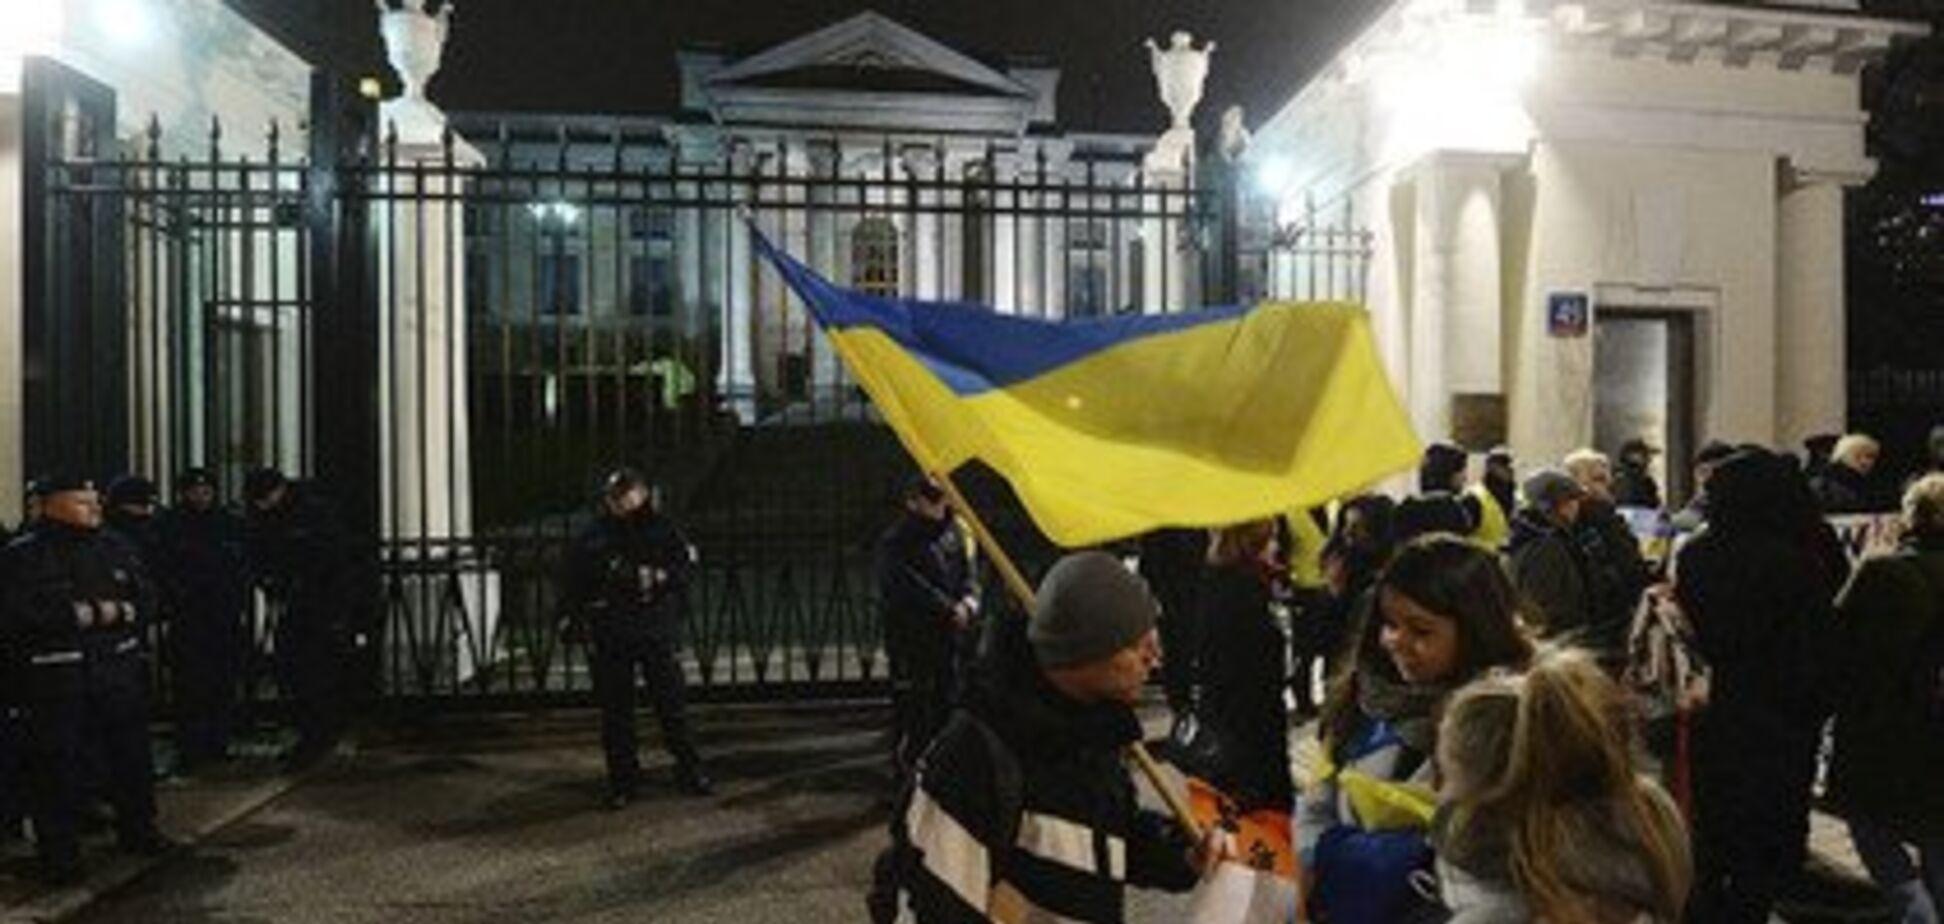 Світ ''підірвала'' агресія Росії у Керченській протоці: фото і відео протестів